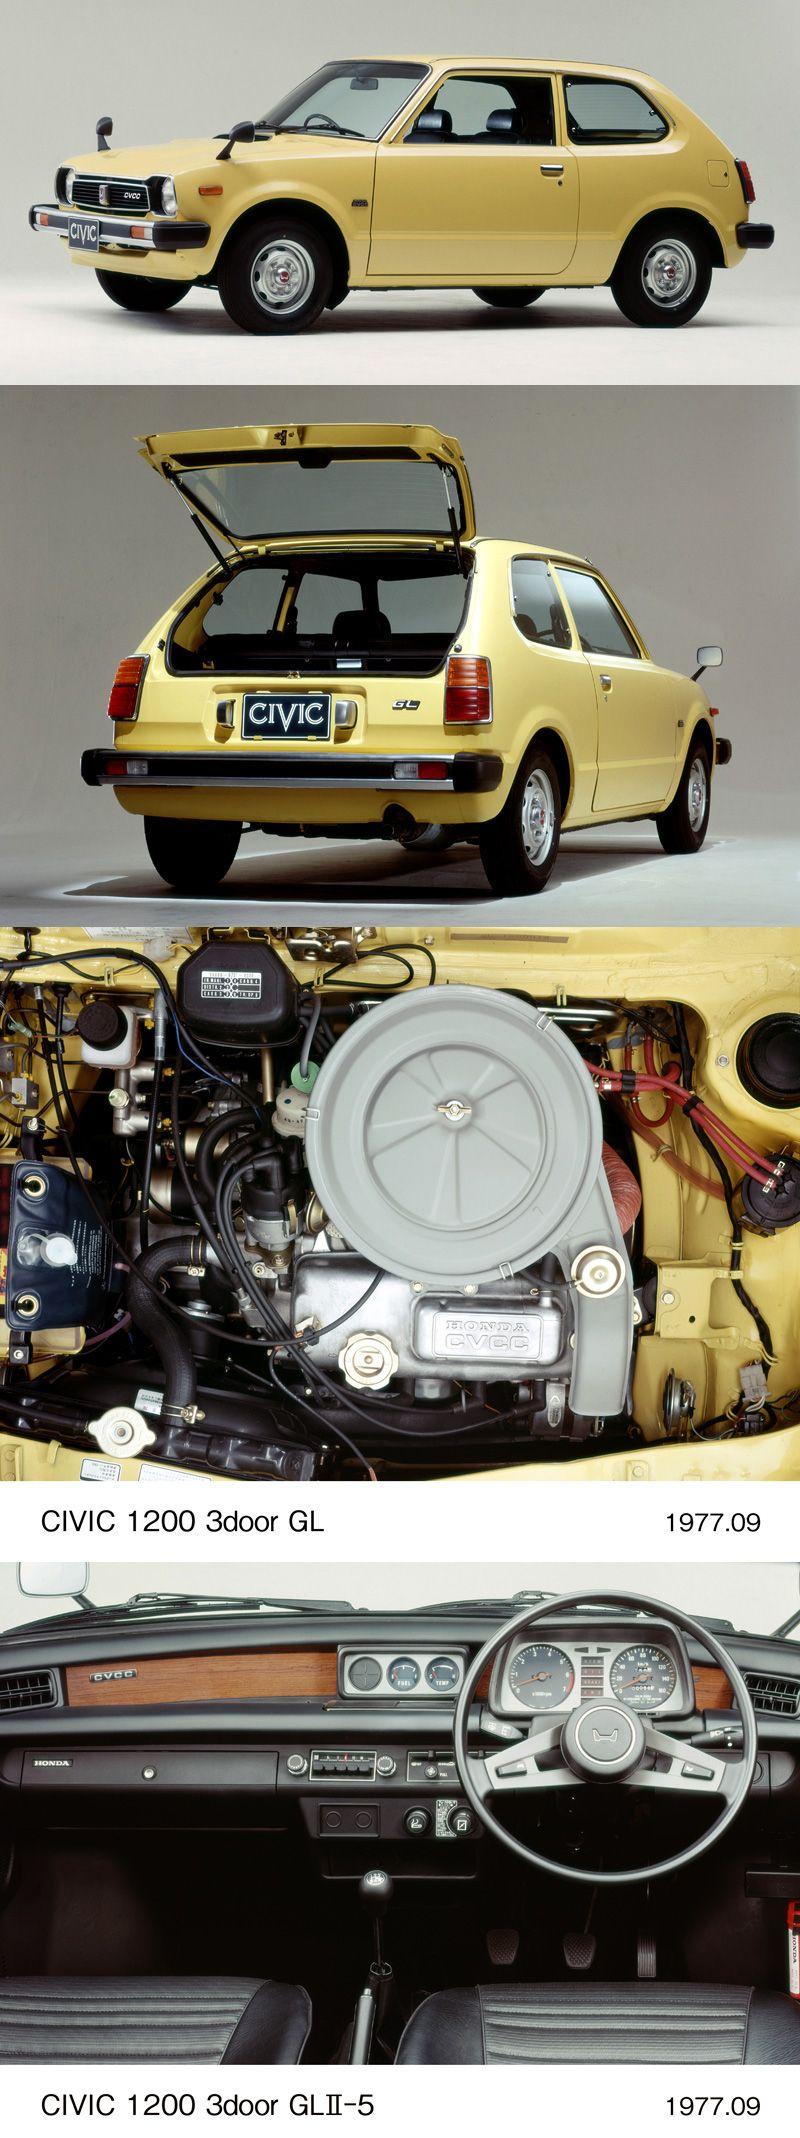 Honda Civic 1st Gen Minorchange Honda Civic Honda Cars Honda